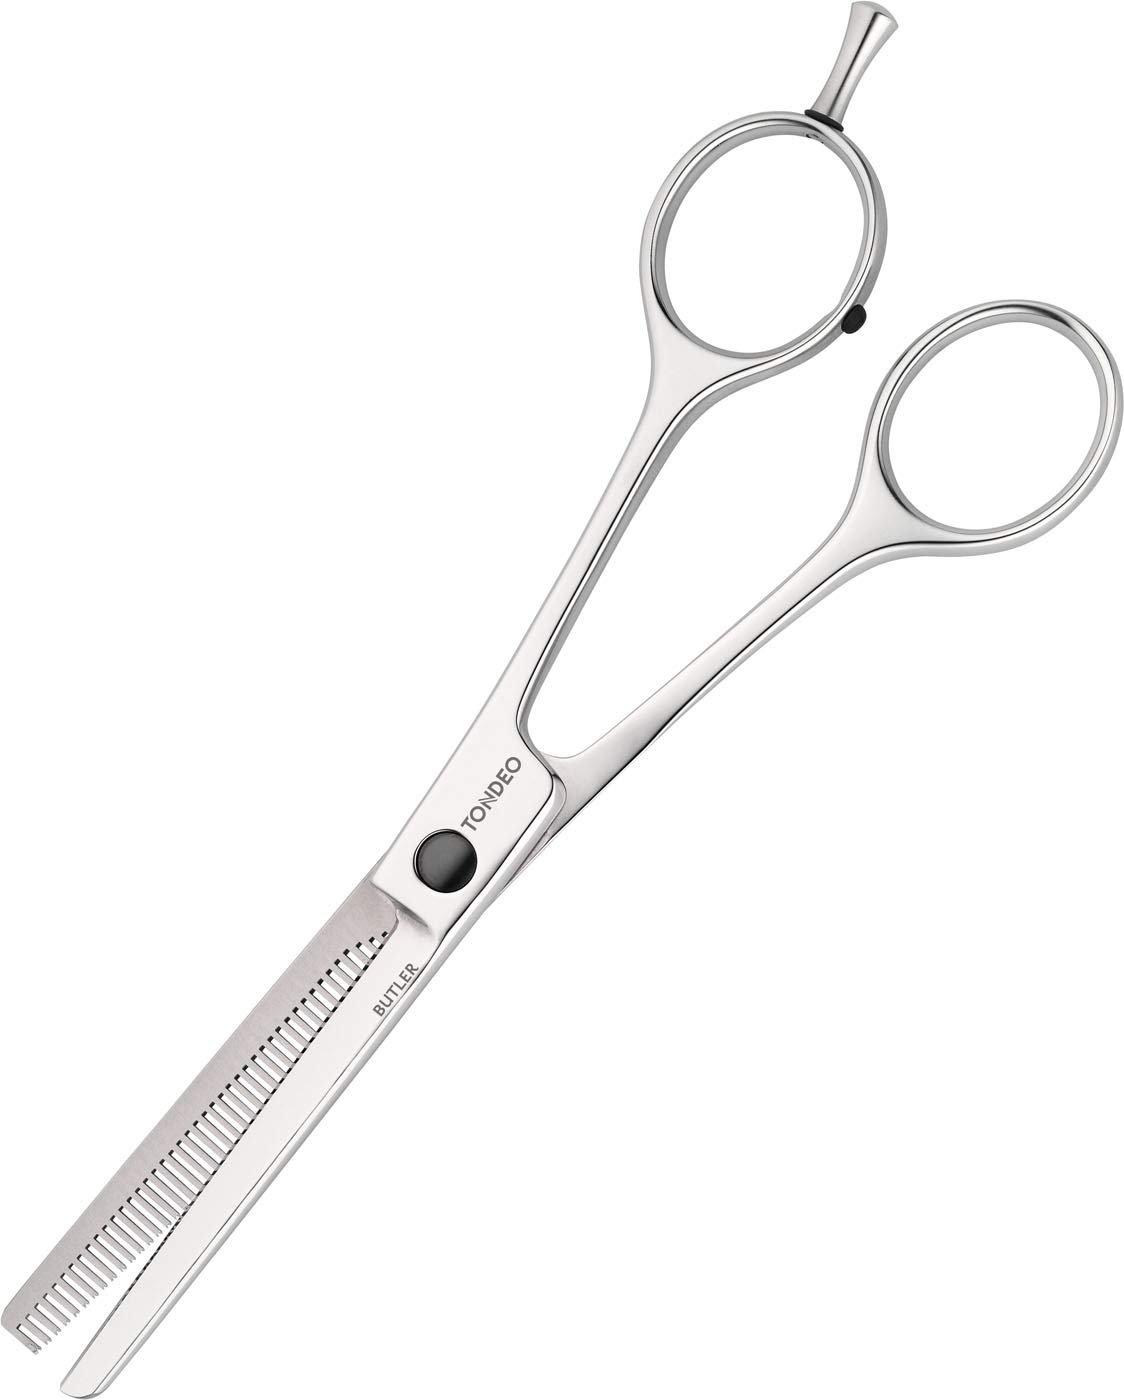 Tondeo BUTLER Classic 6.25 (46 зубів) Ножиці перукарські філірувальні, фото